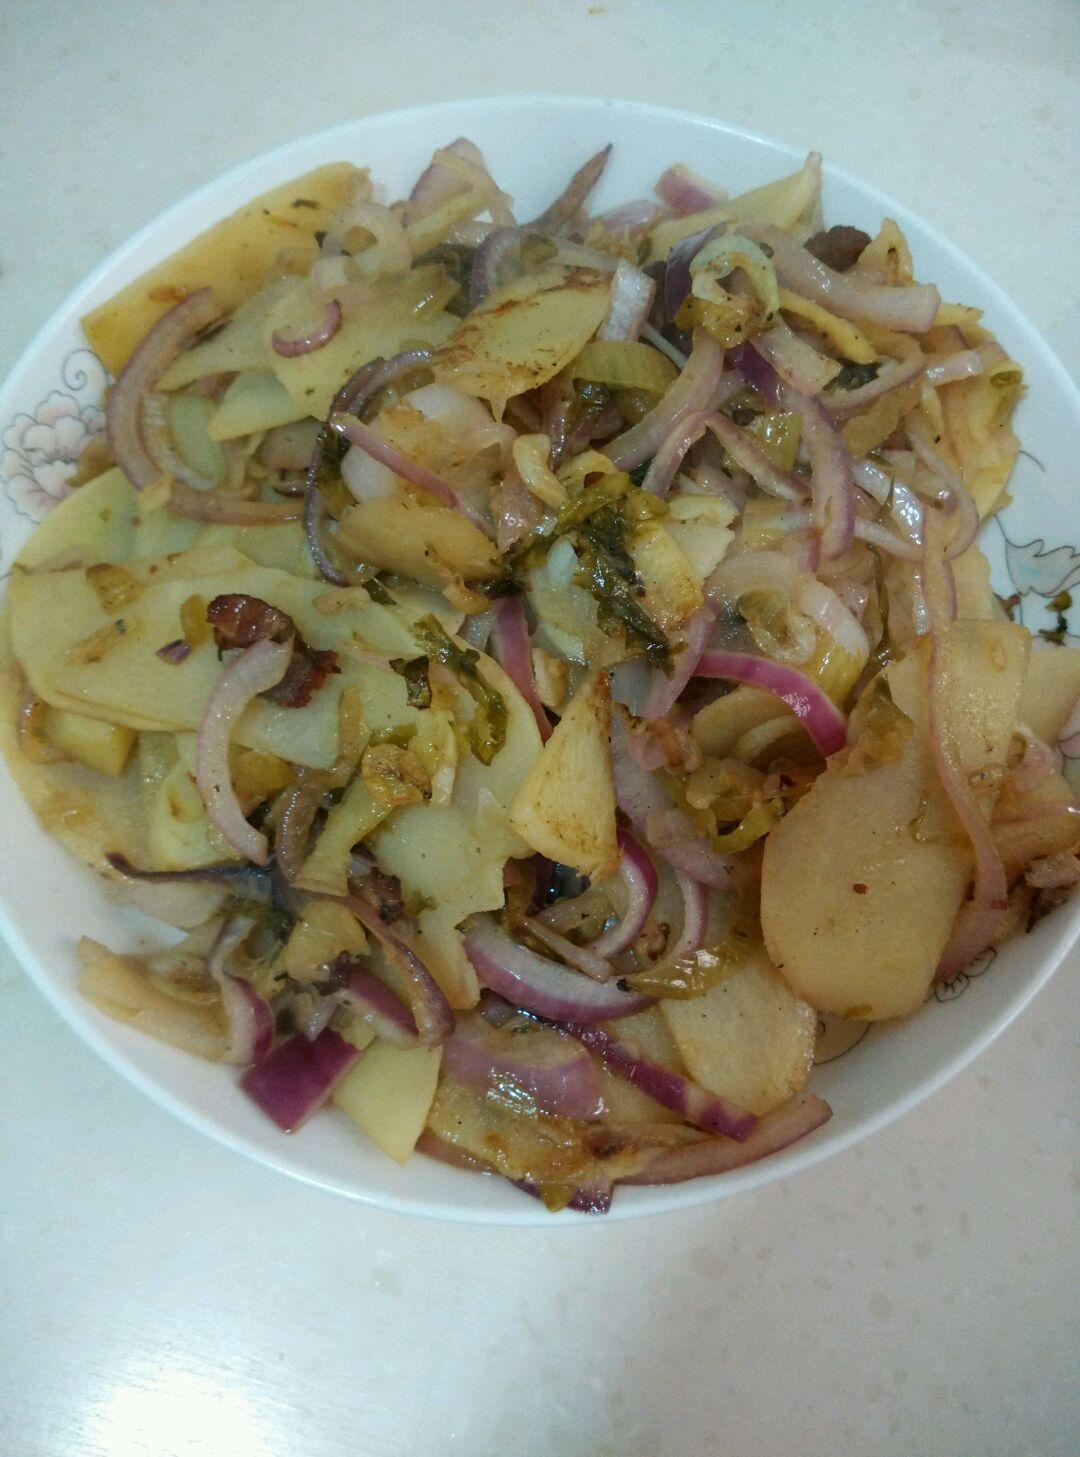 洋蔥炒土豆片的做法_【圖解】洋蔥炒土豆片怎么做如何做好吃_洋蔥炒土豆片家常做法大全_小叉是壞蛋_豆果美食